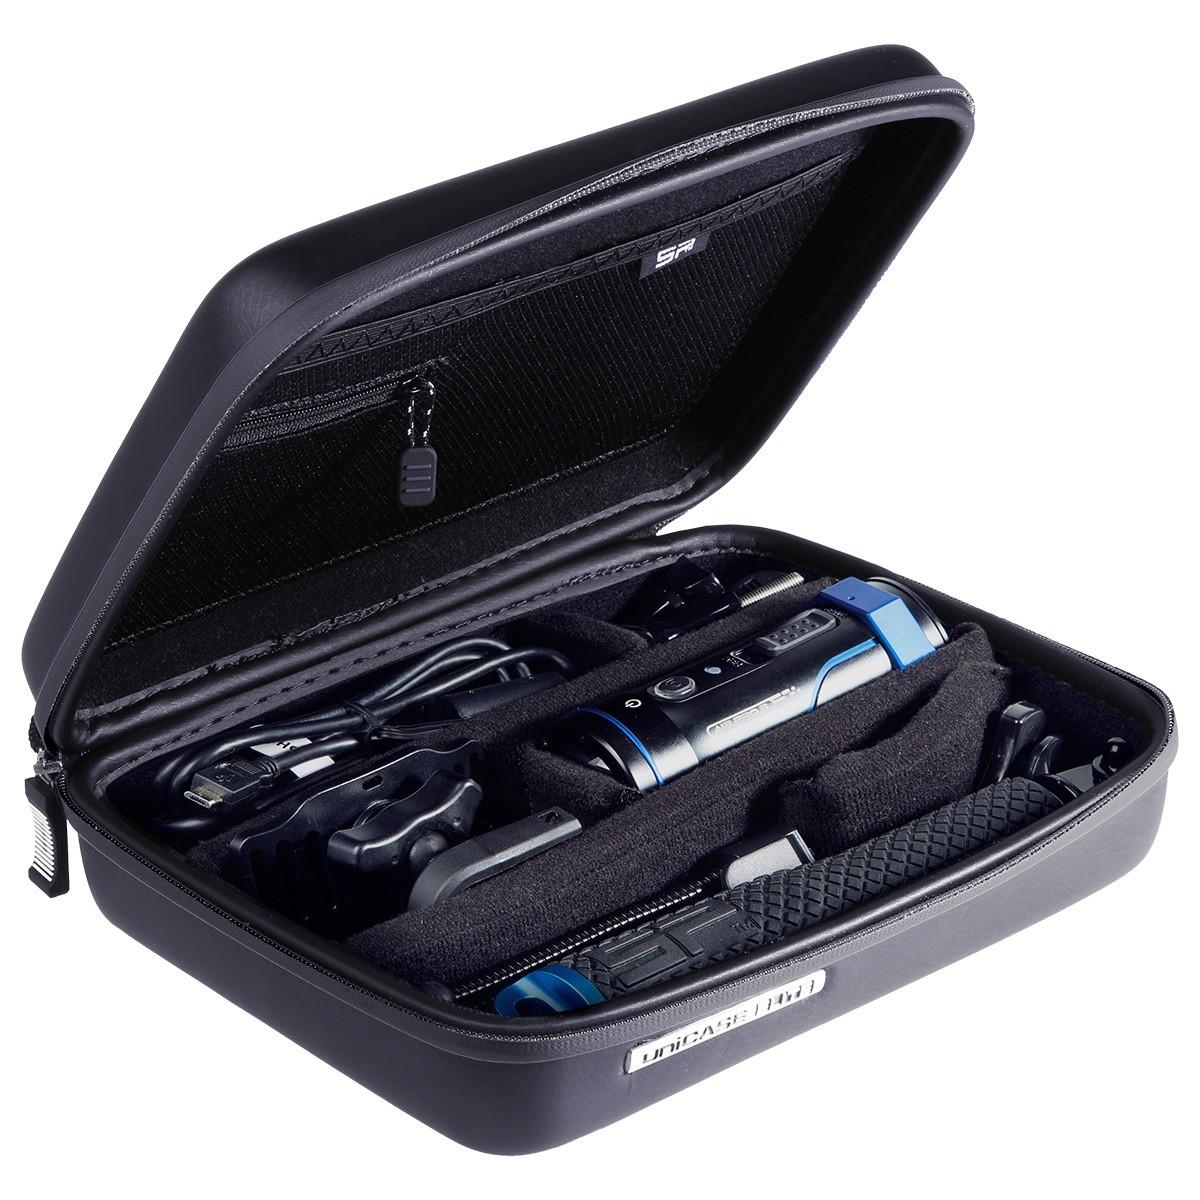 Image of   SP Gadgets UNICASE Elite - Sort